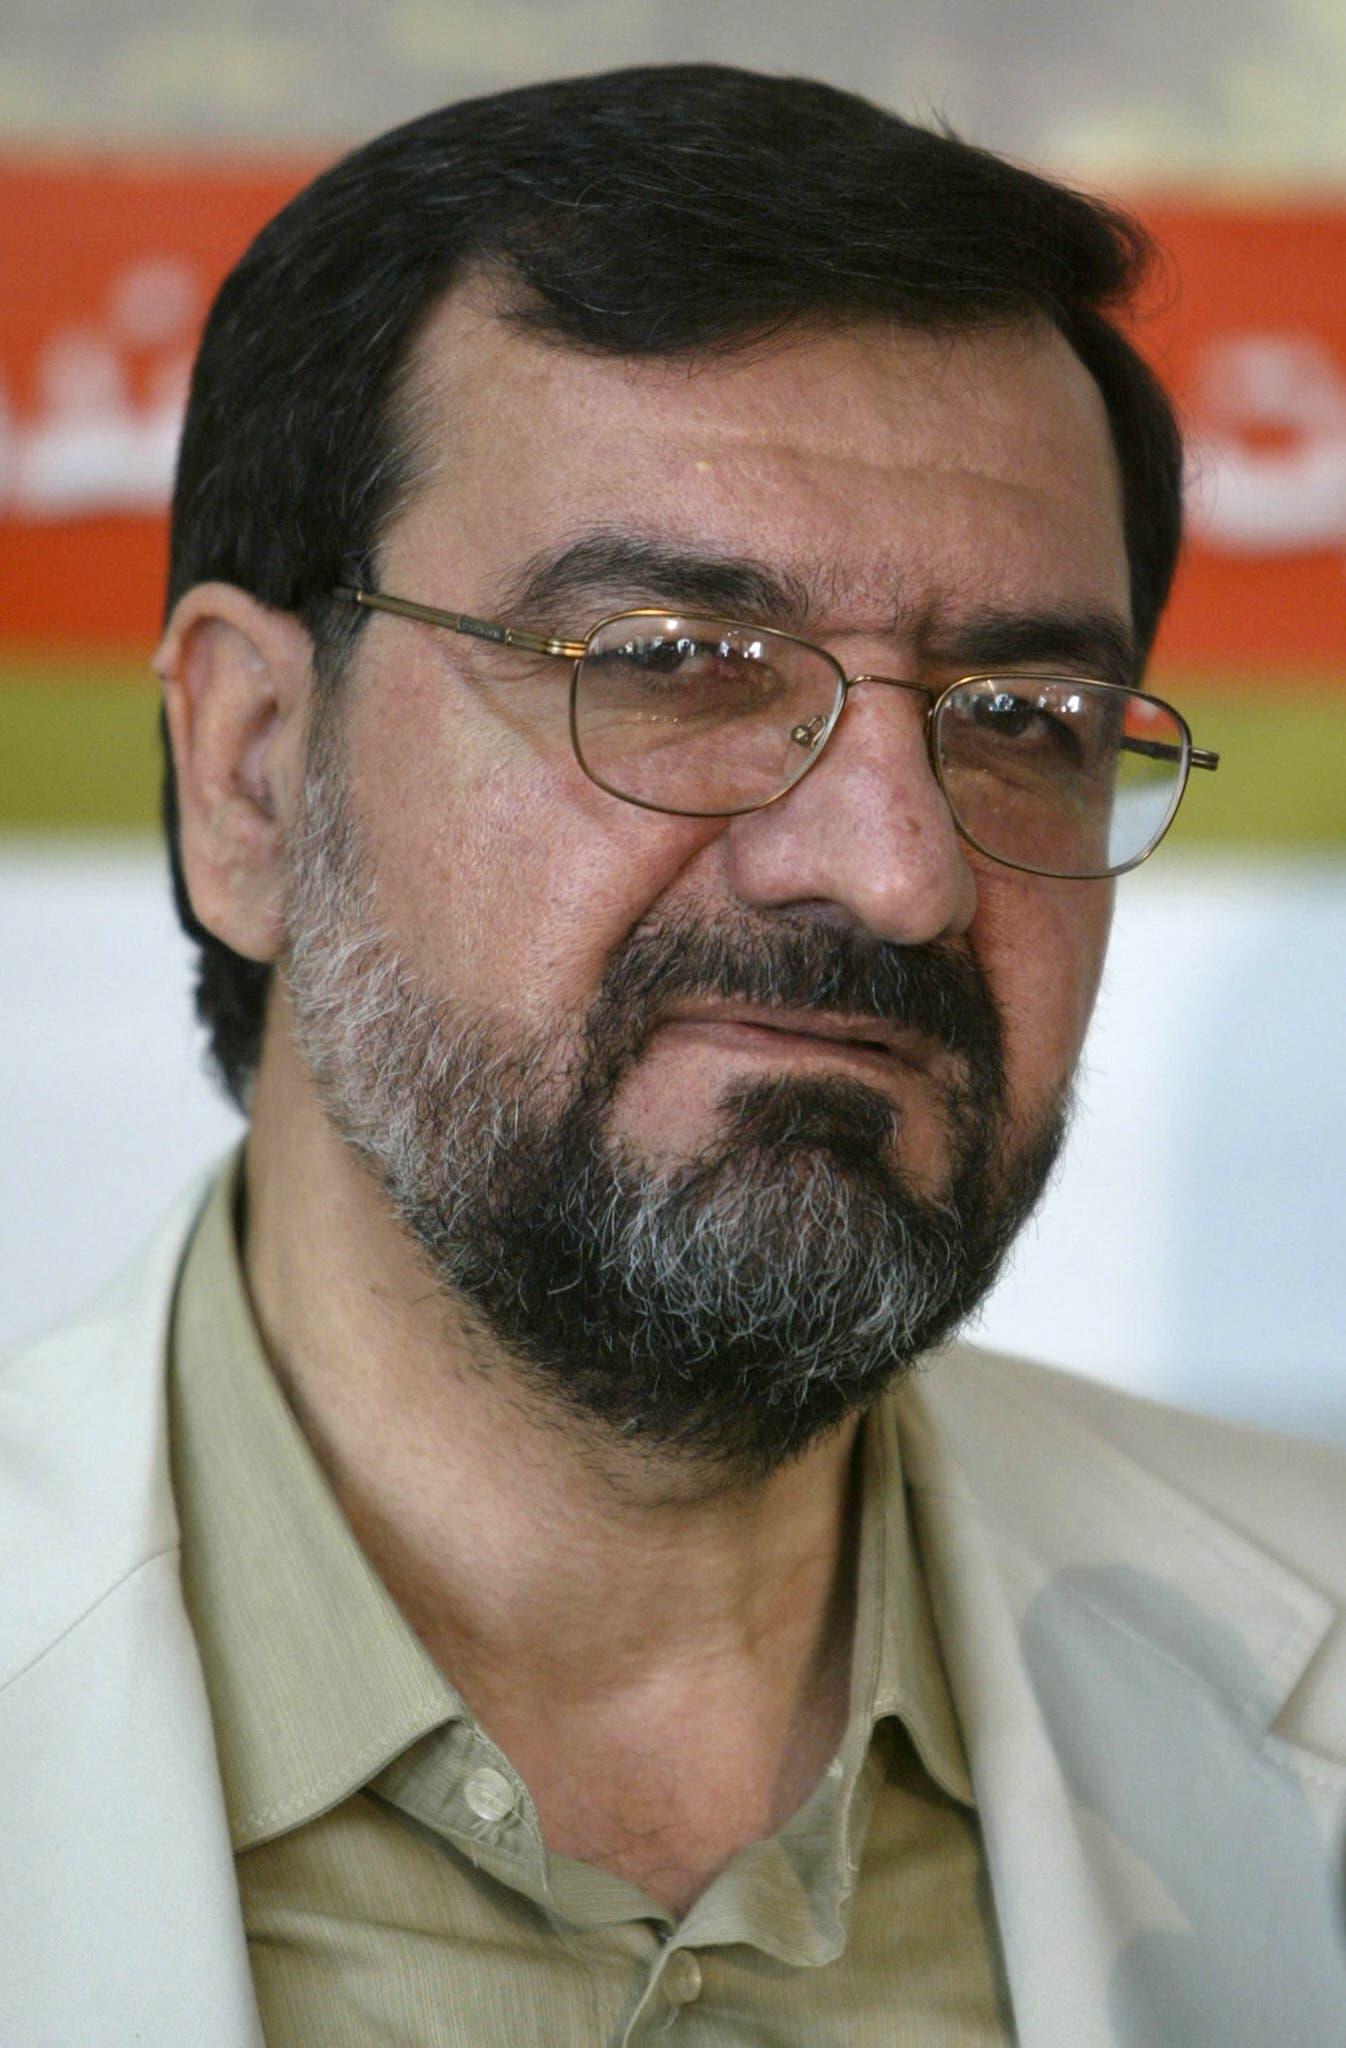 سكرتير تشخيص مصلحة النظام في إيران محسن رضائي (أرشيفية- فرانس برس)